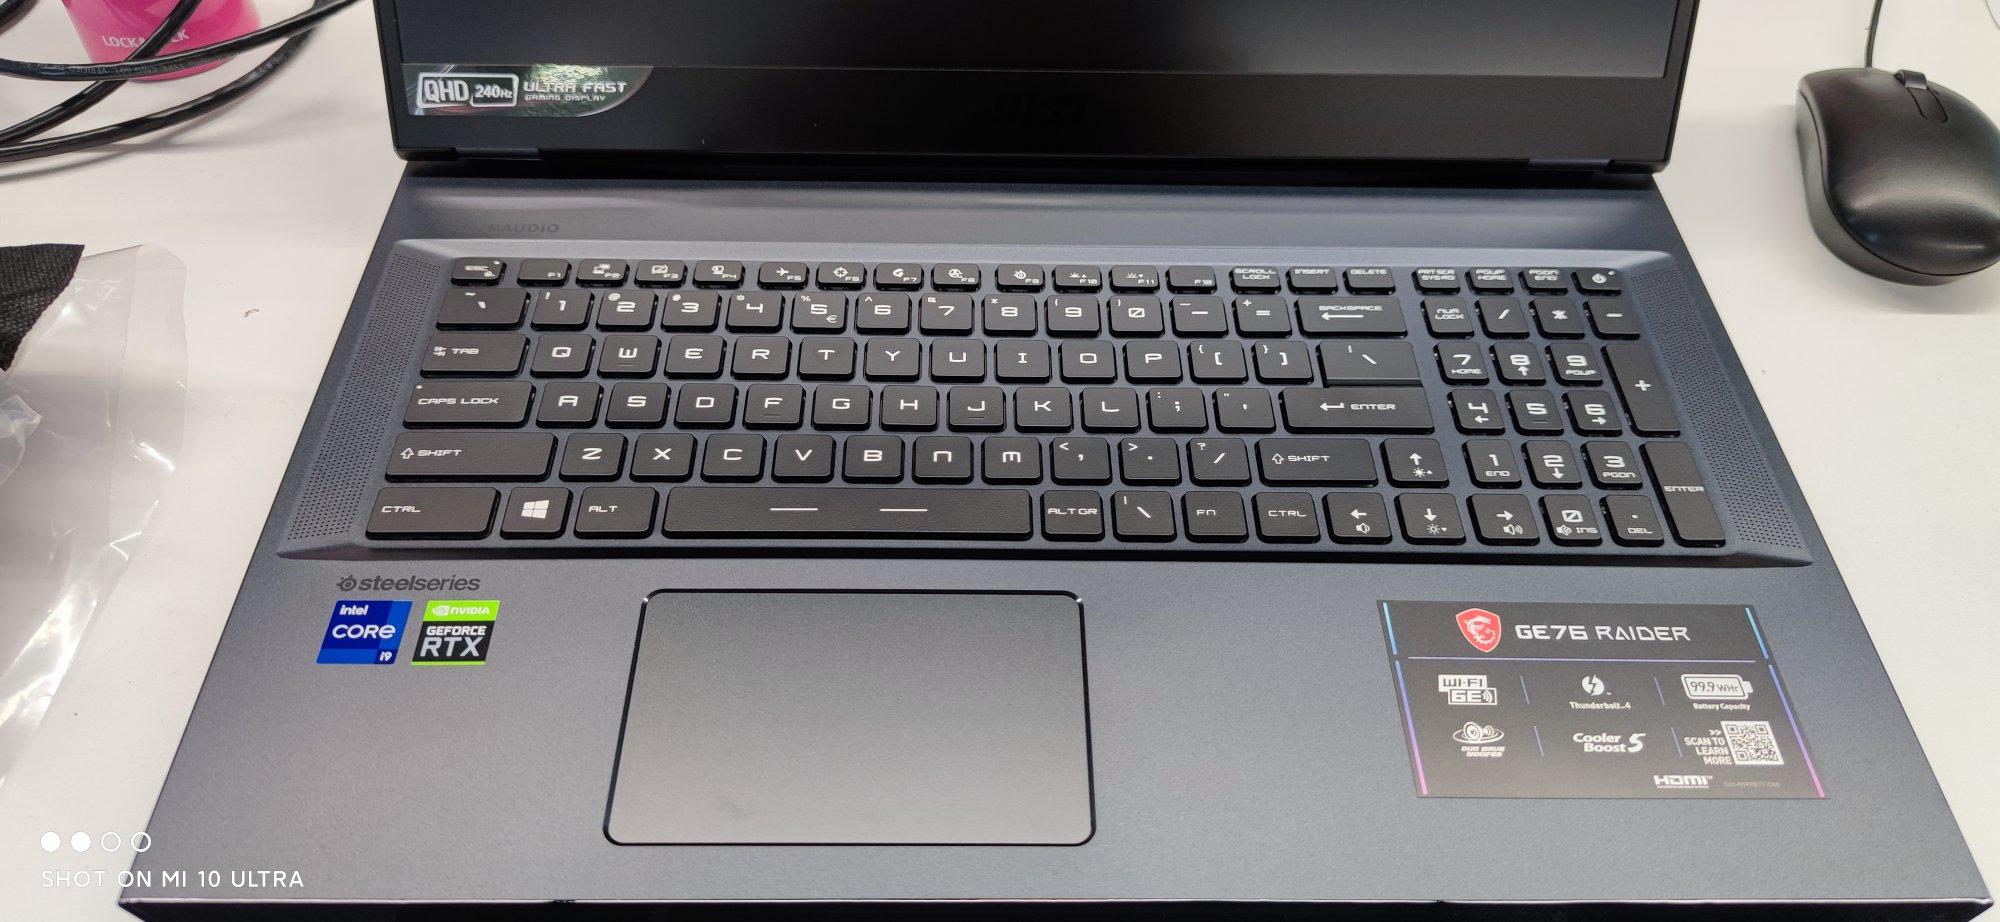 微星强袭GE76高端游戏本,11代i9+RTX3080满血版, 17.3英寸独显直连电脑